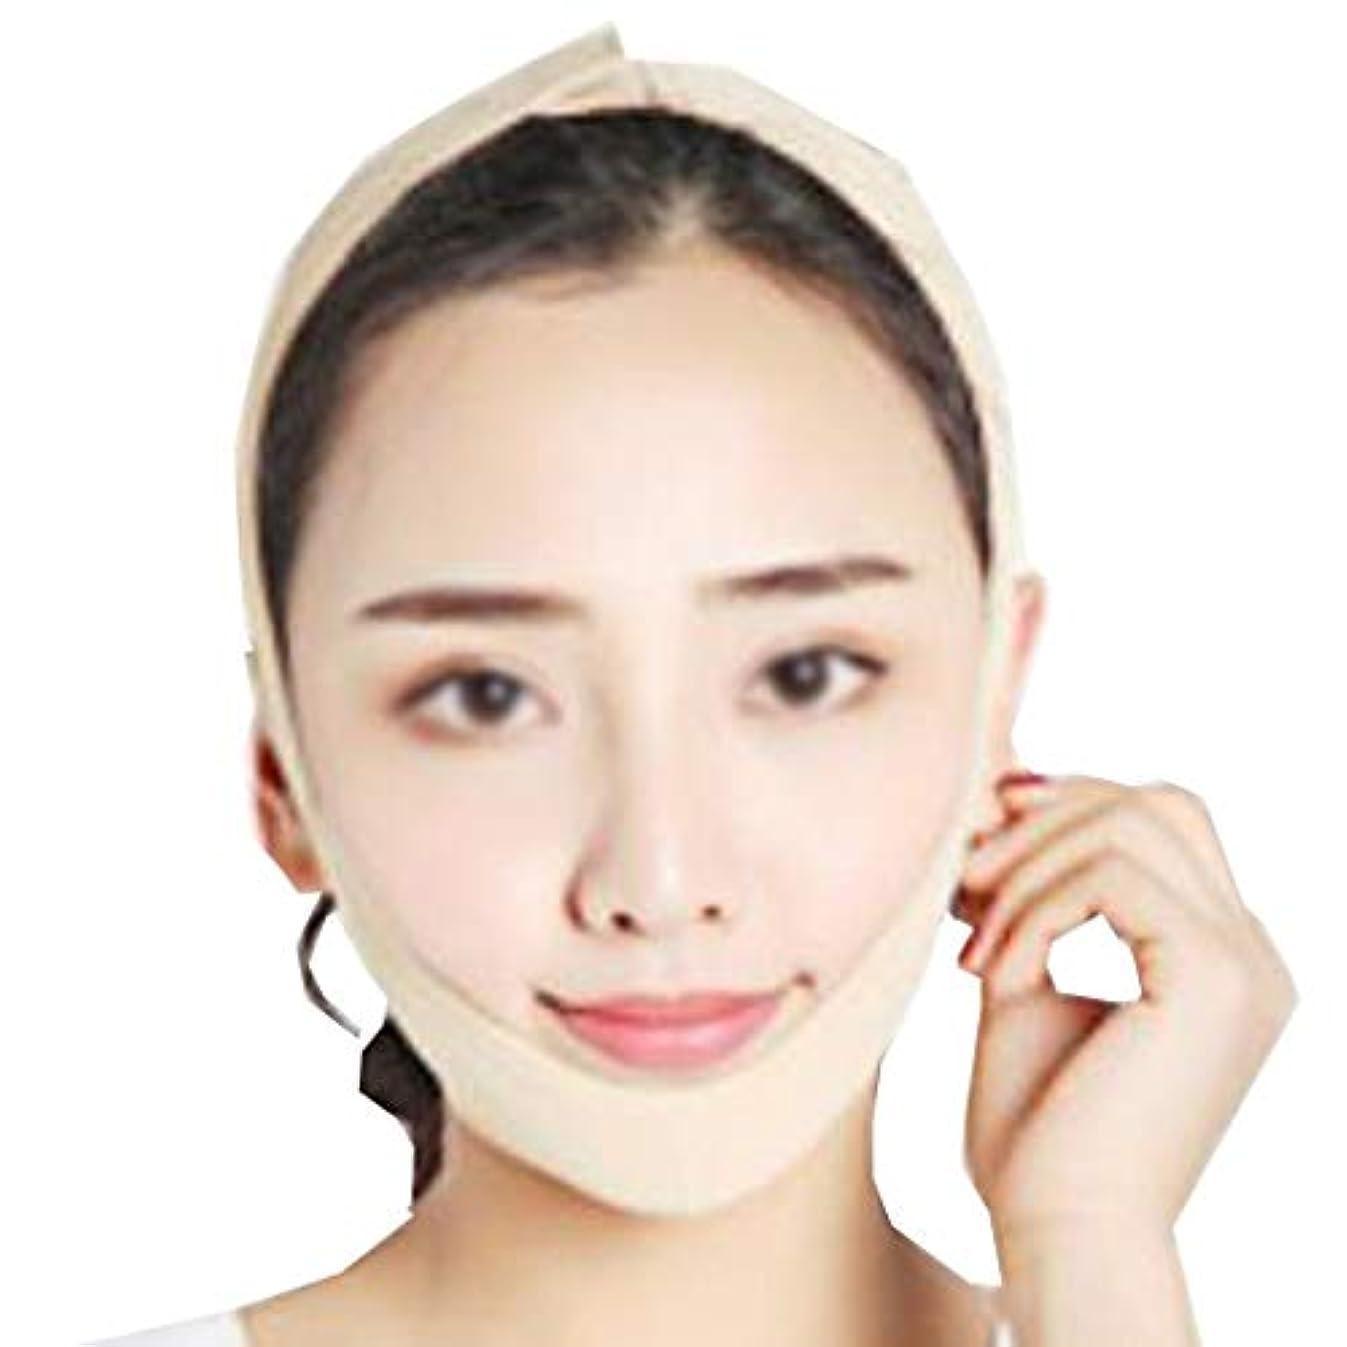 防衛ポンプ倒錯ZWBD フェイスマスク, 細い二重顎の下の小さなVの顔の薄い顔の包帯ライン切り分ける術後の回復マスクの表面持ち上がるヘッドギアの束